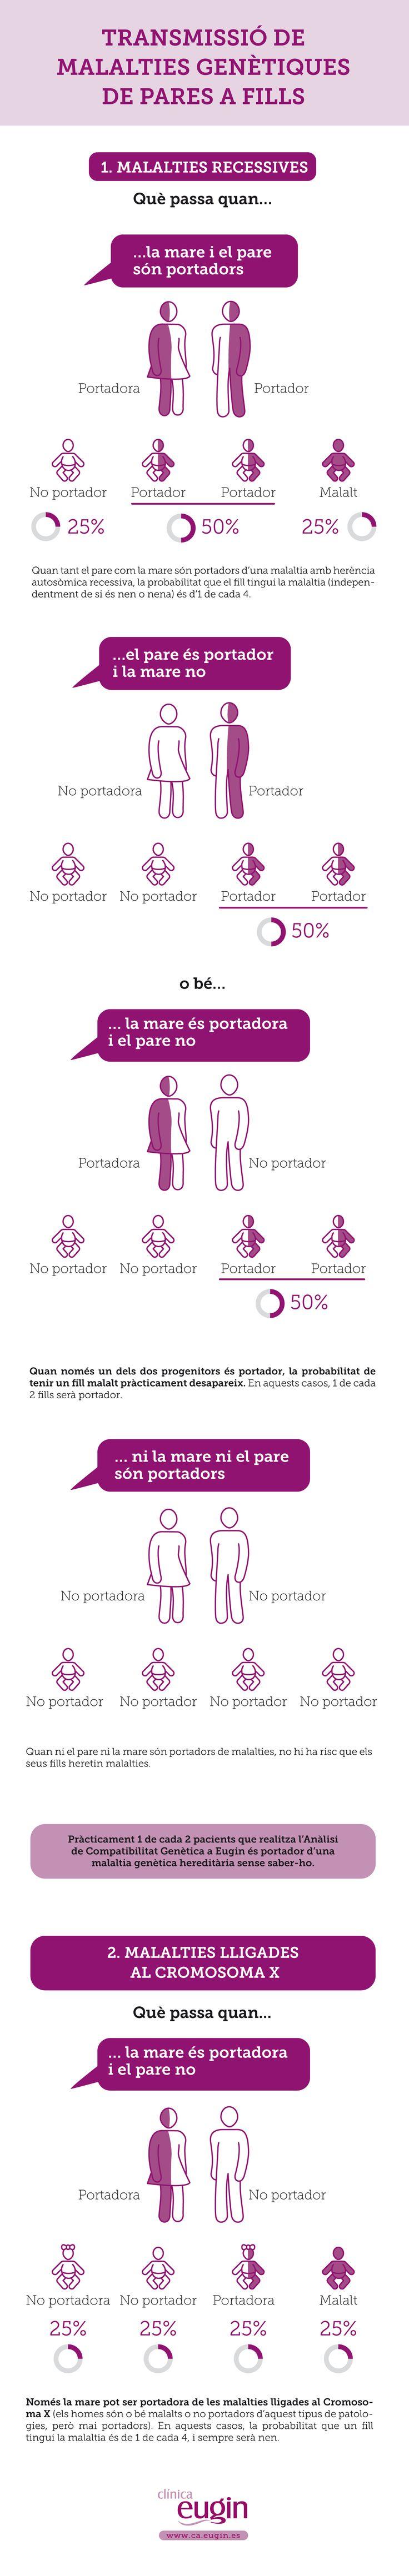 El test permet detectar si el pare o la mare són portadors d'alguna malaltia d'origen genètic i reduir el risc de transmetre aquesta patologia als seus futurs fills.